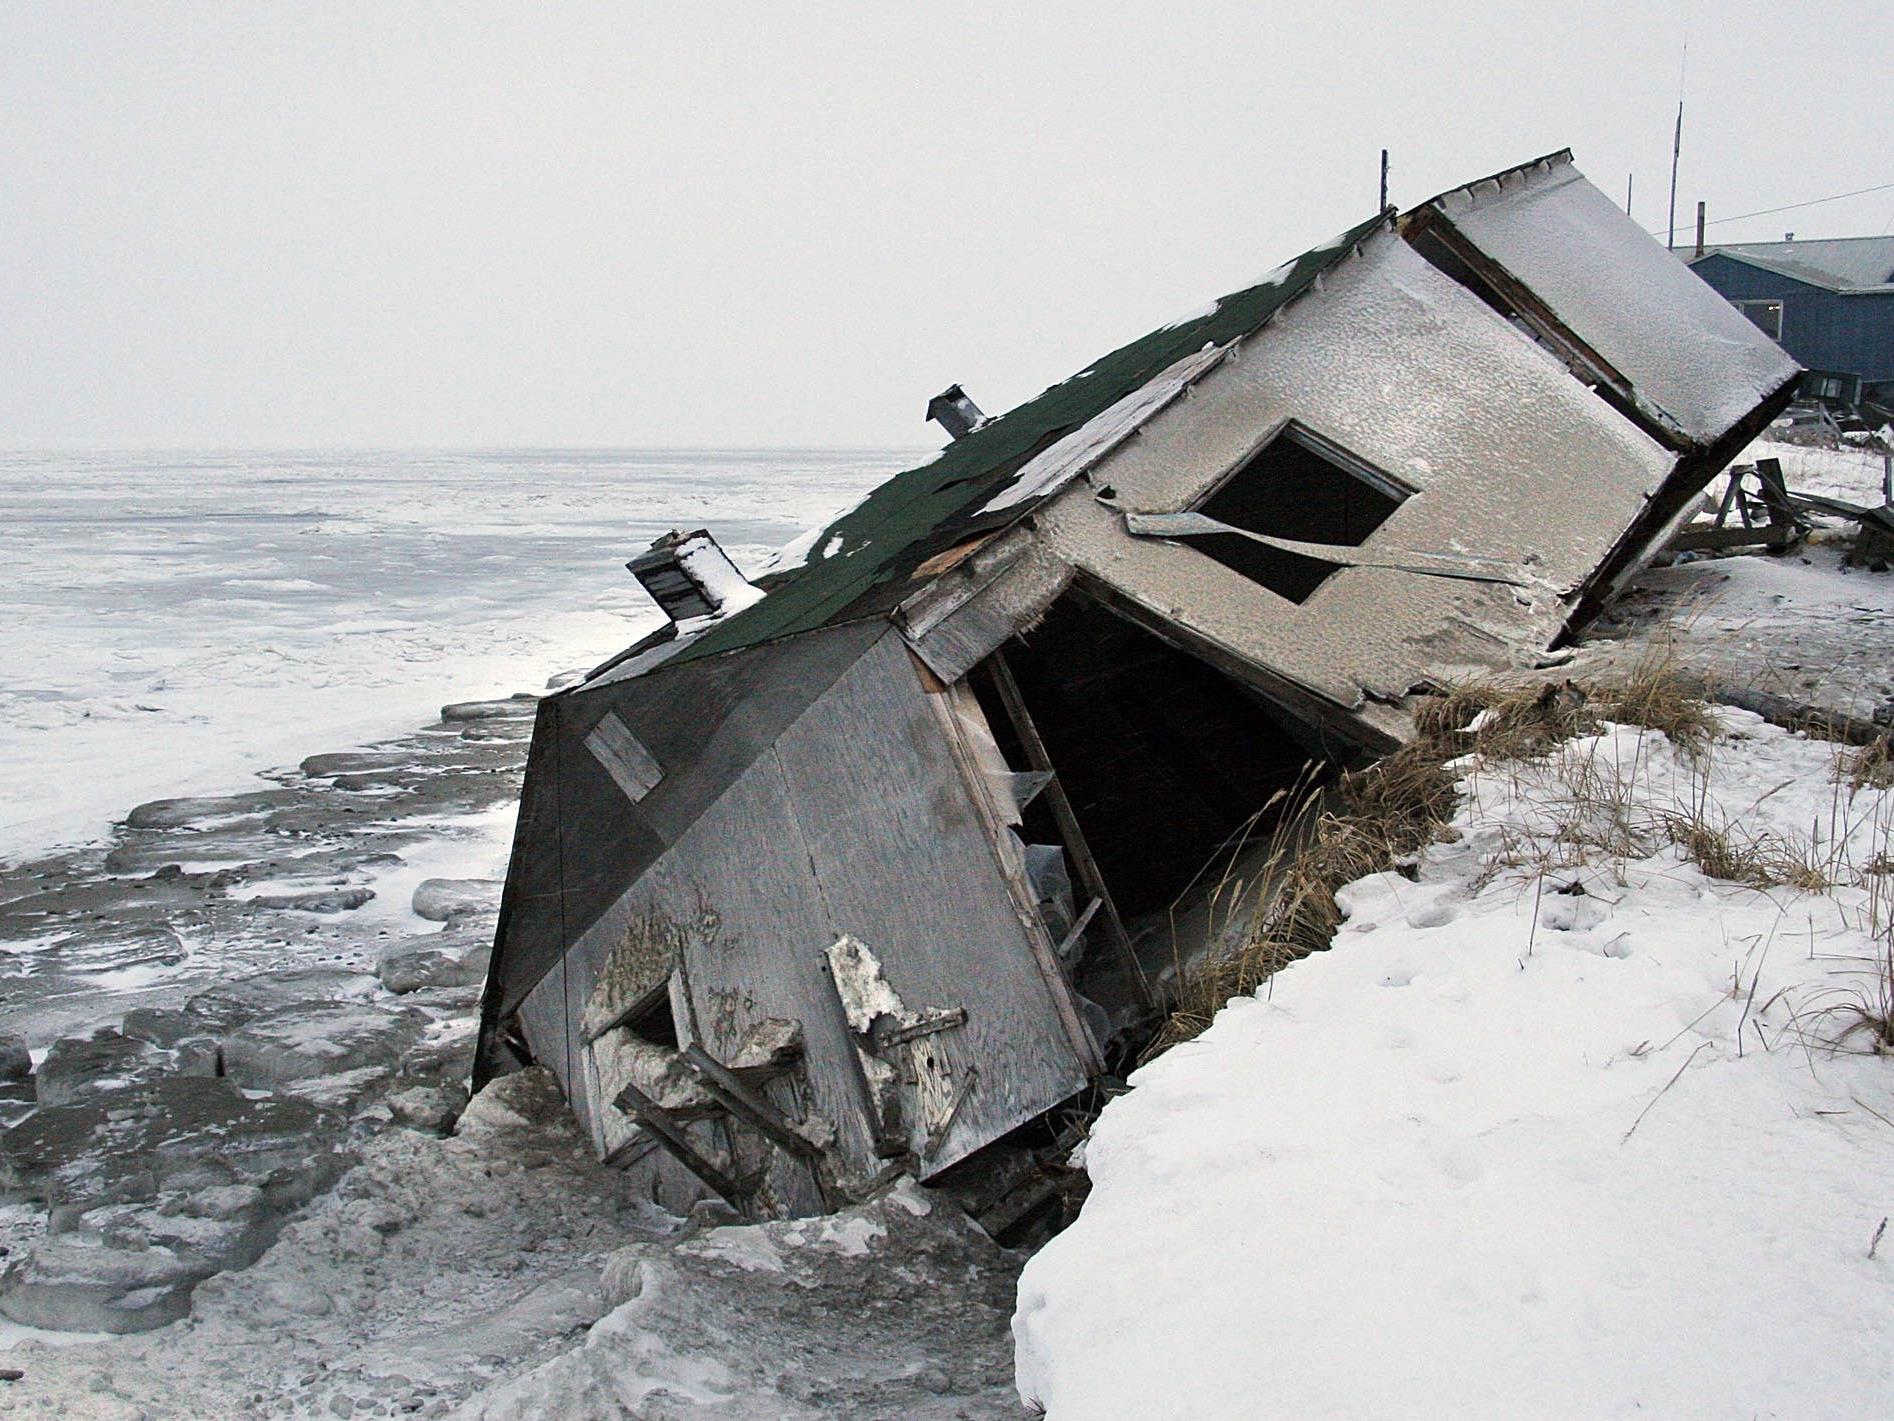 Das Inseldorf kämpft gegen den Klimawandel